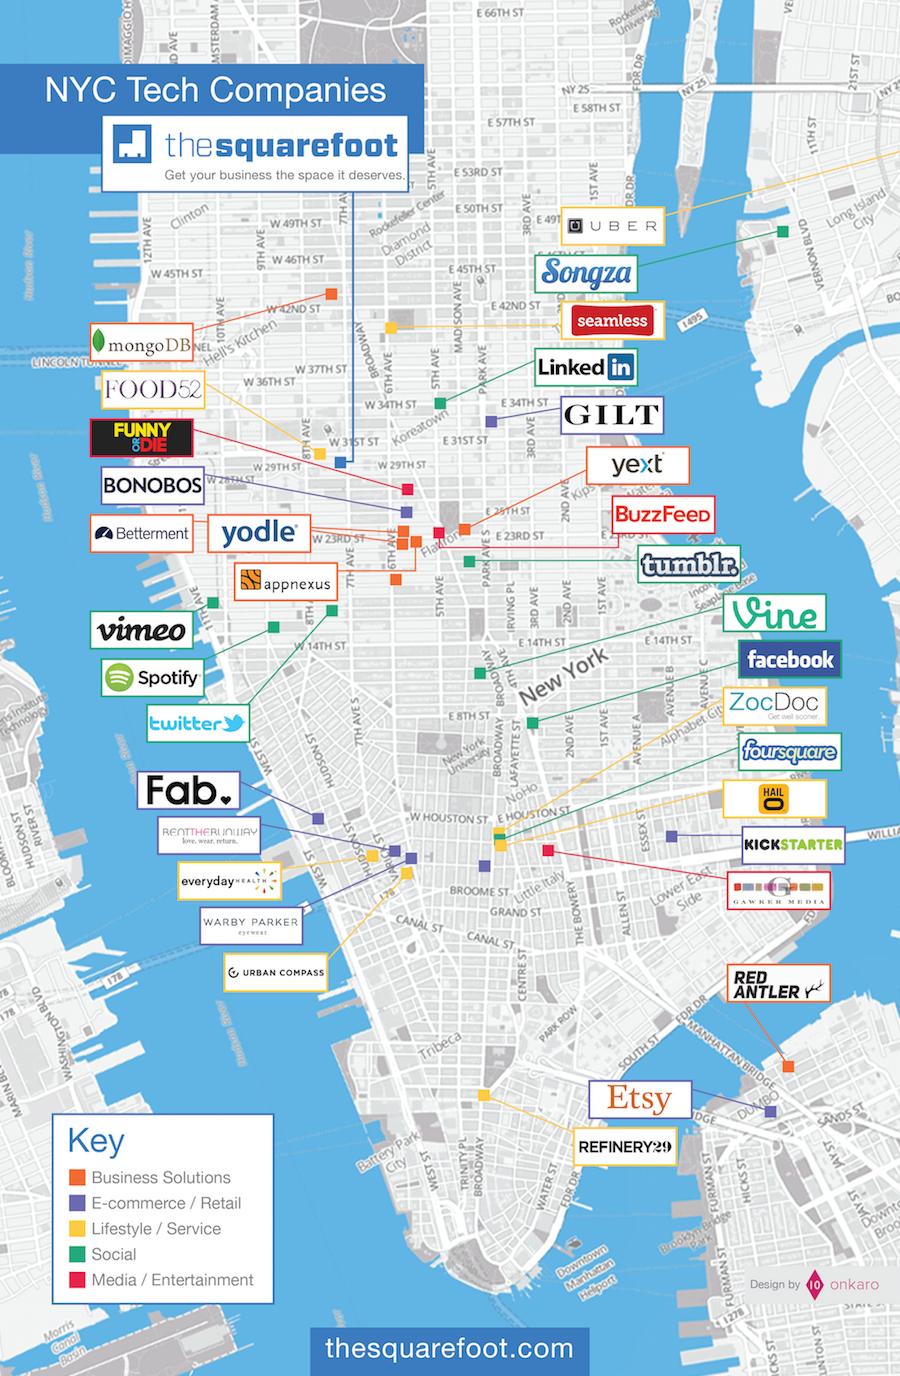 干货  美国纽约成为美国科技研发新兴重地